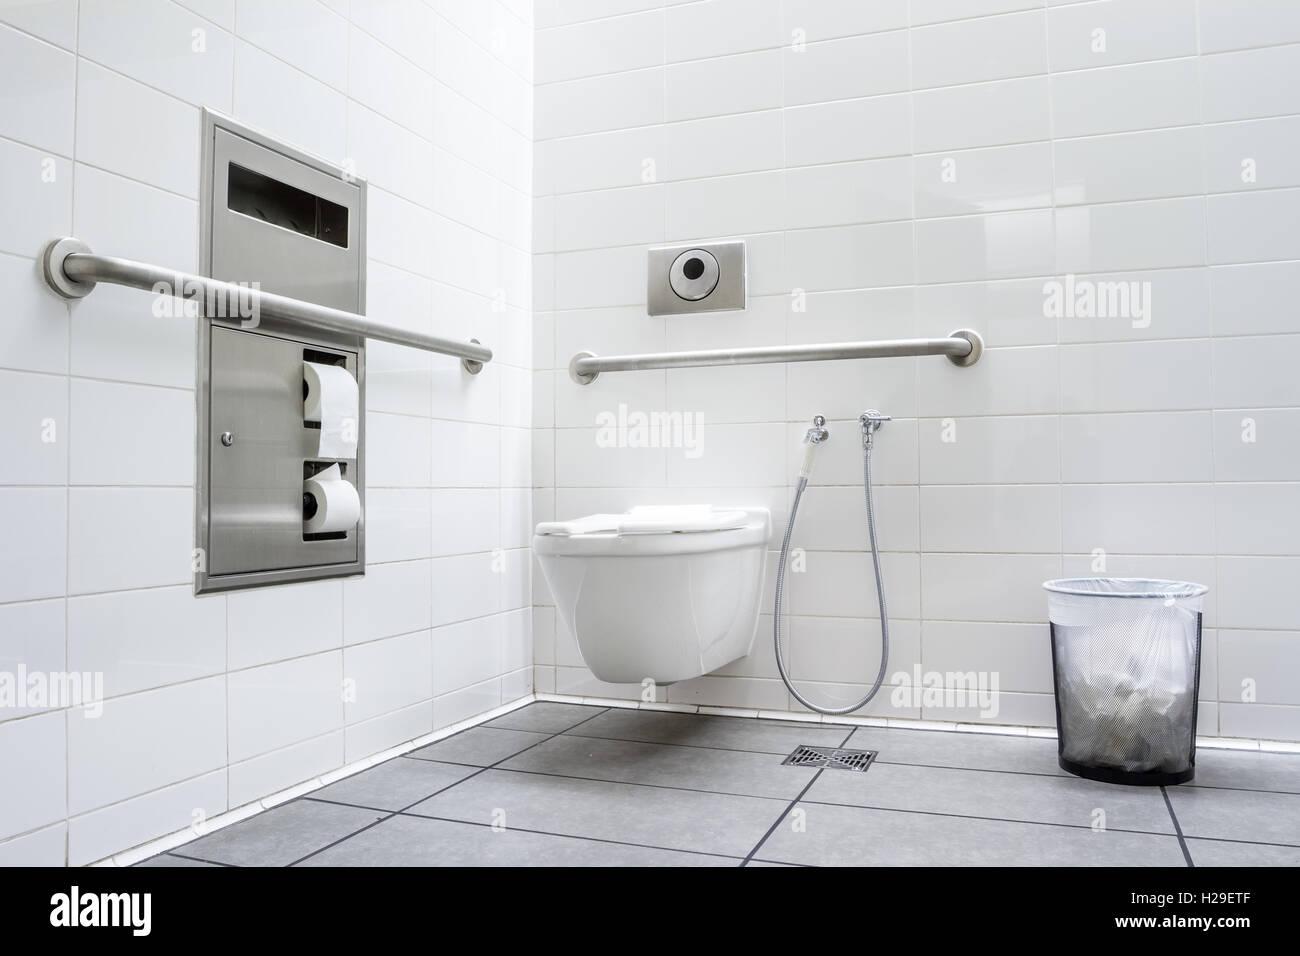 Pubblico bagno per disabili in un edificio di grandi dimensioni